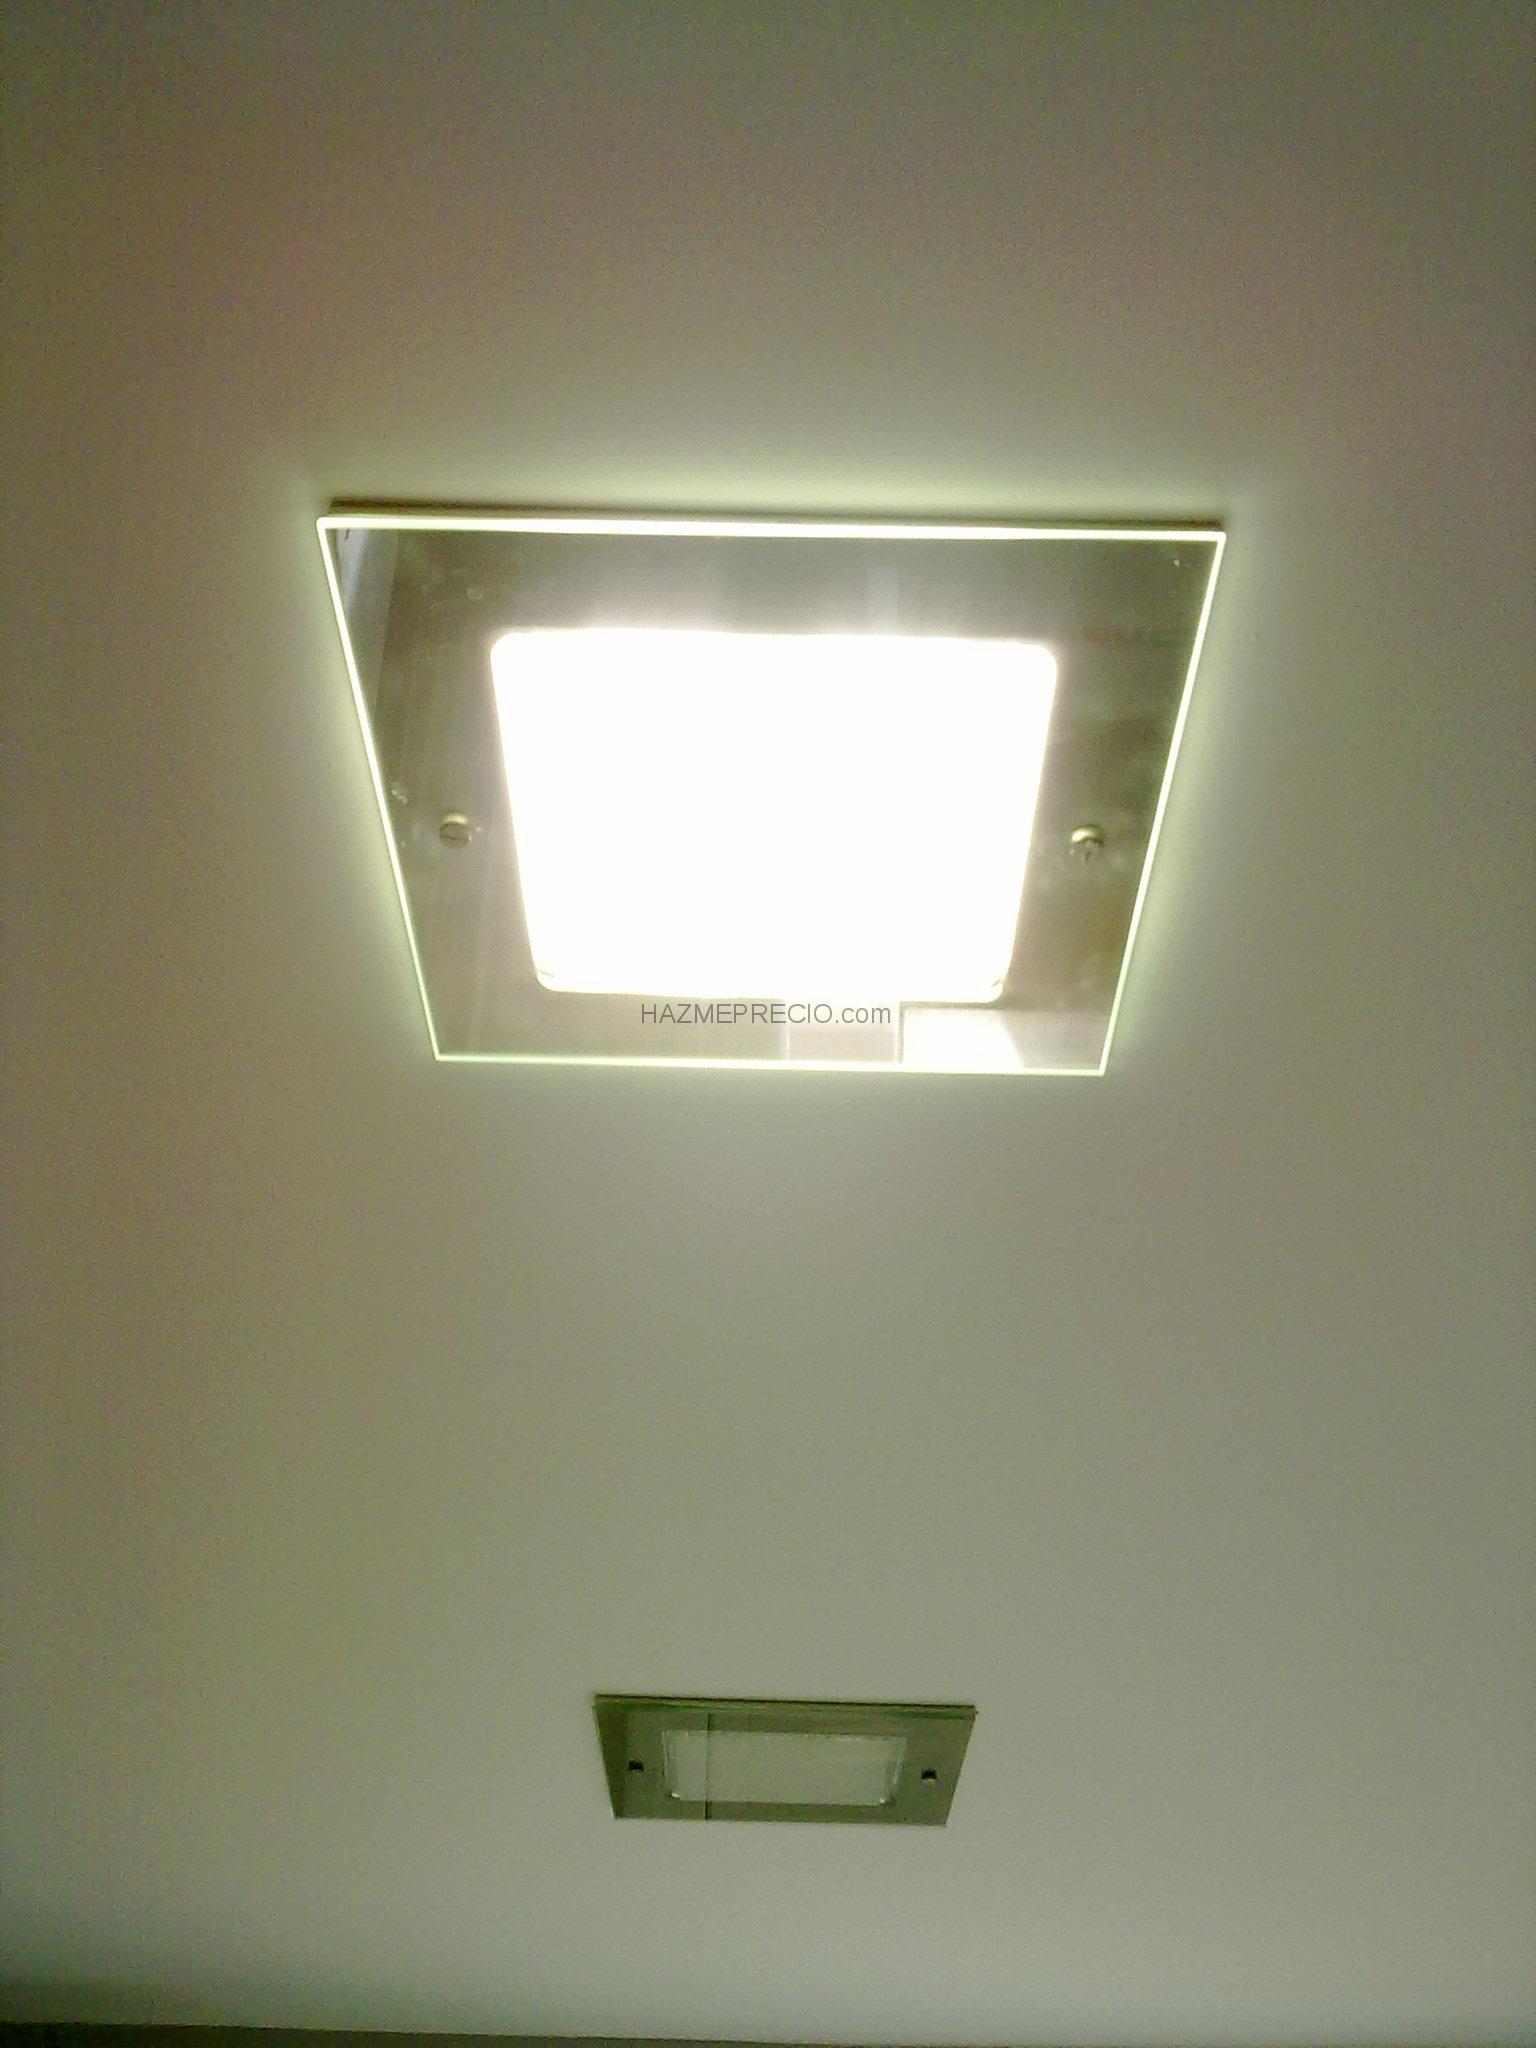 Instalaciones electricas lorenzo gutierrez 28802 - Dowling iluminacion ...